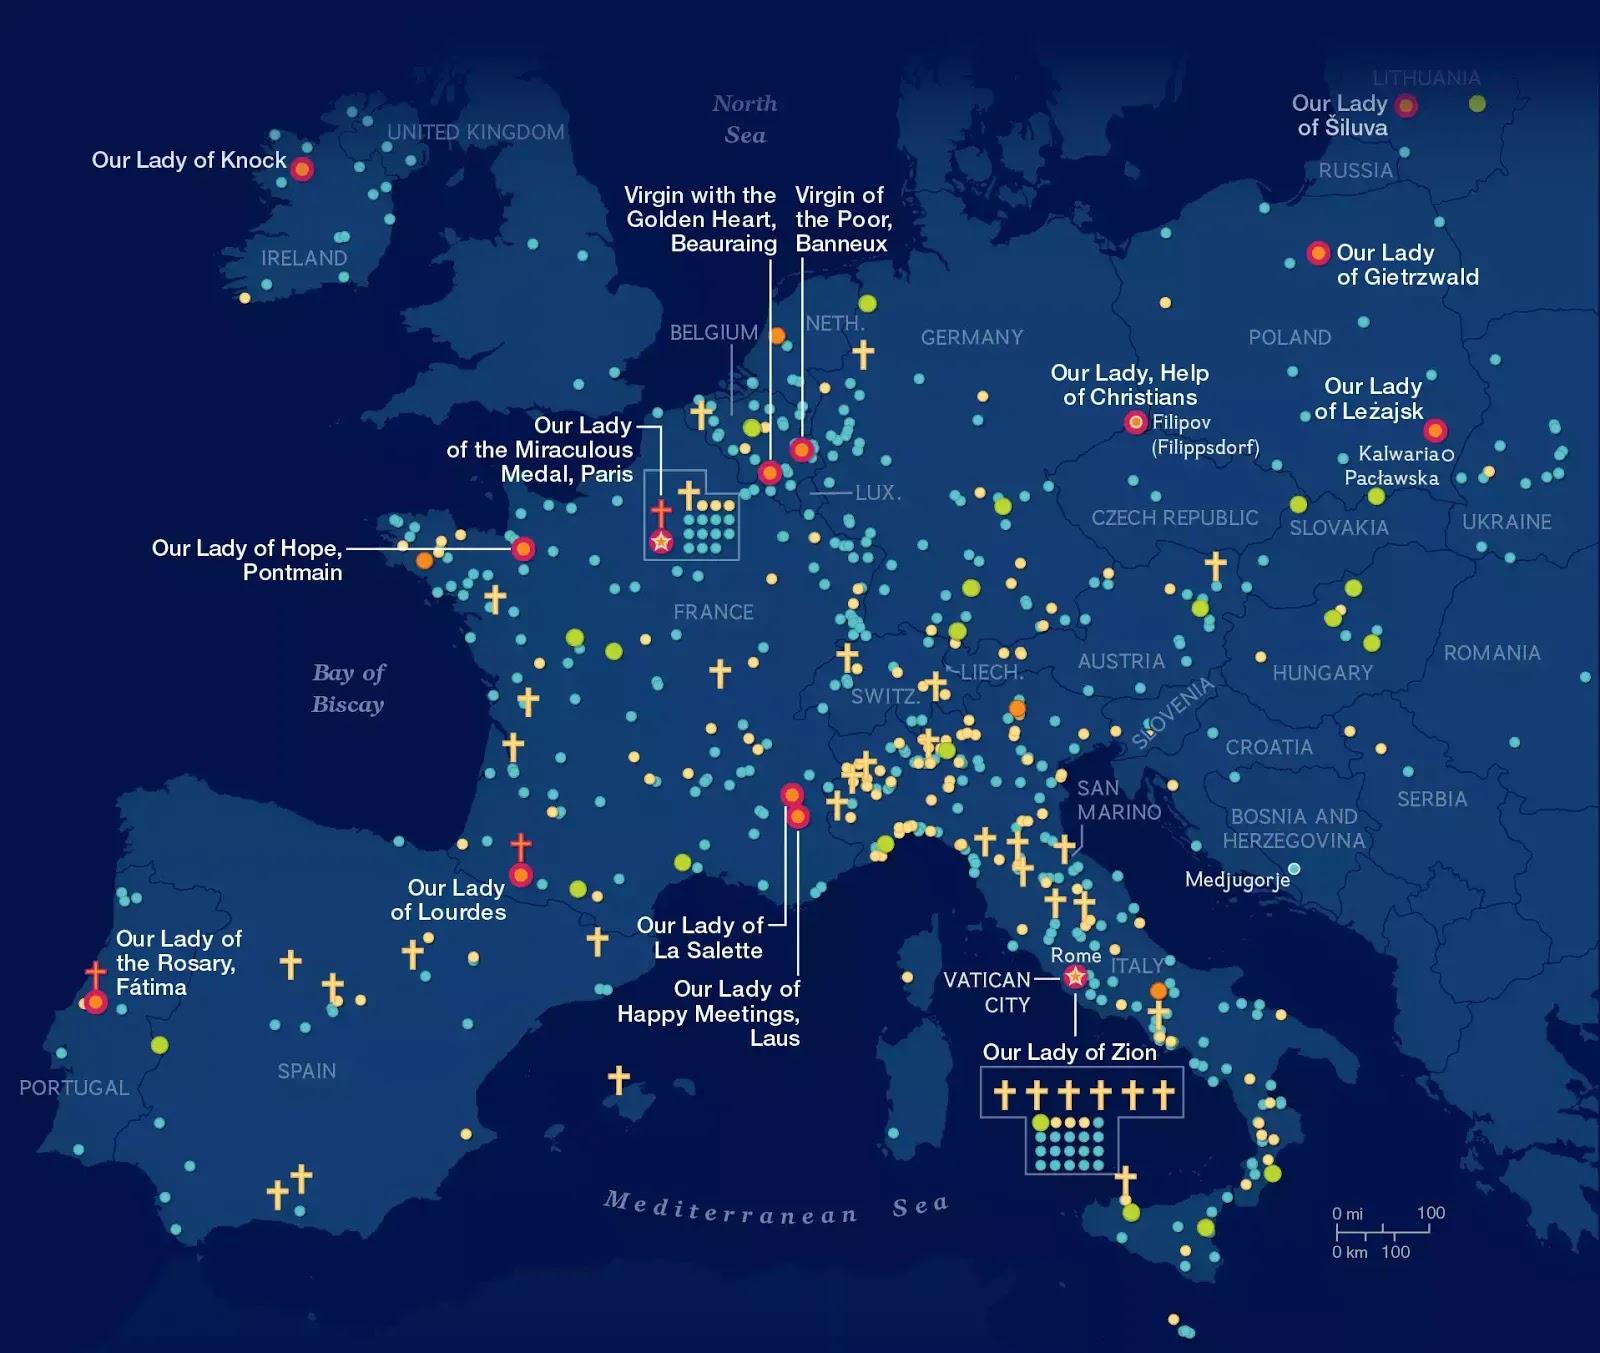 Về bản đồ minh hoạ 500 năm các cuộc hiện ra của Đức Mẹ